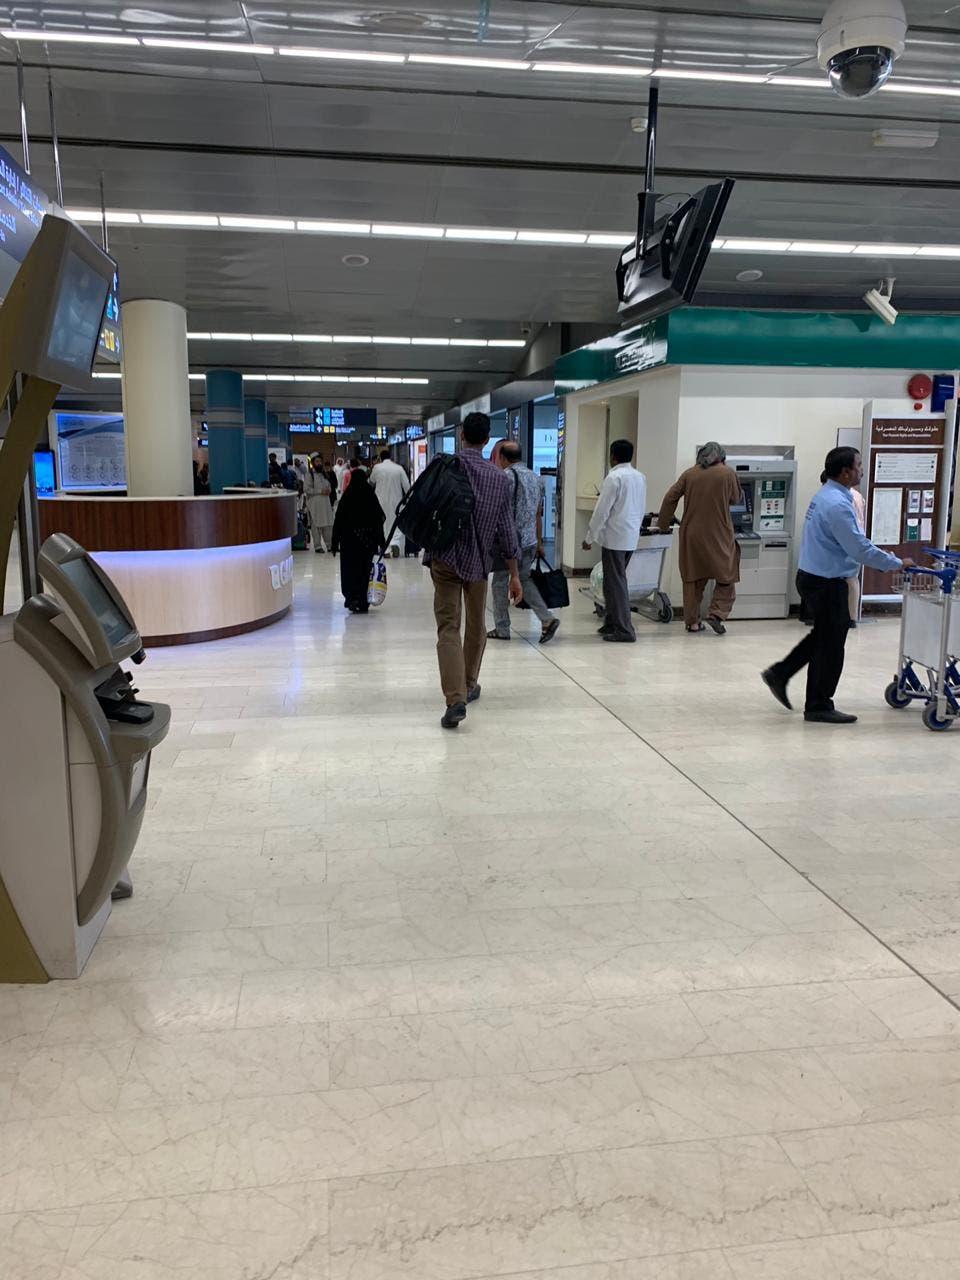 فيديوهات وصور بثها المسافرون من مطار أبها تصدم الحوثيين